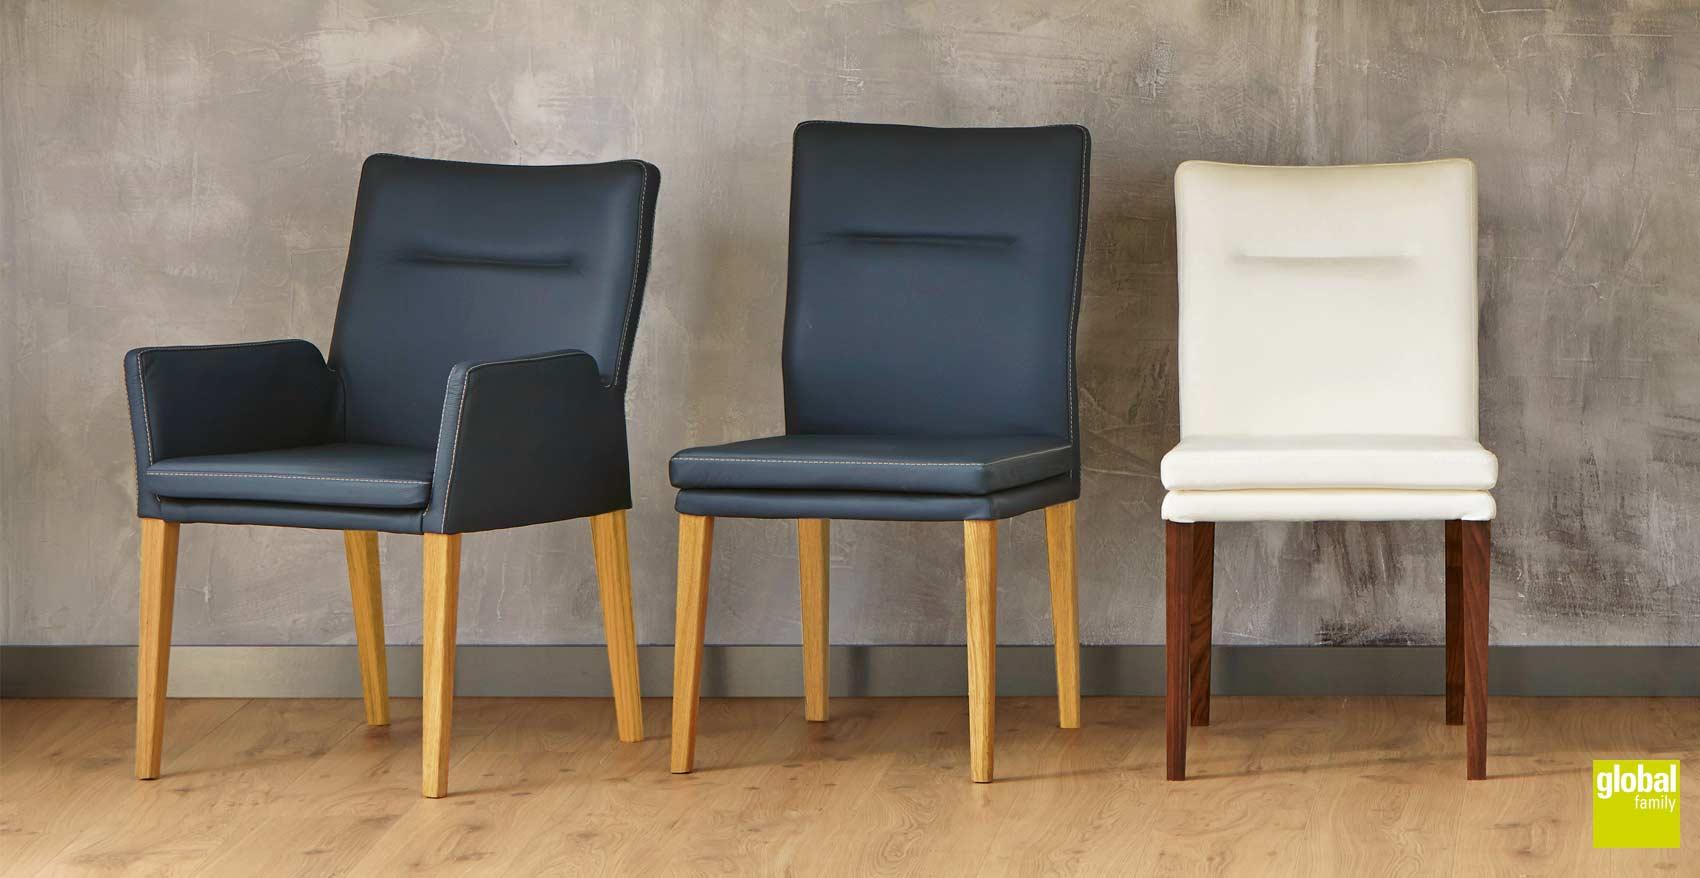 speisezimmer von global wohnen in rehling nahe augsburg m bel raschke. Black Bedroom Furniture Sets. Home Design Ideas